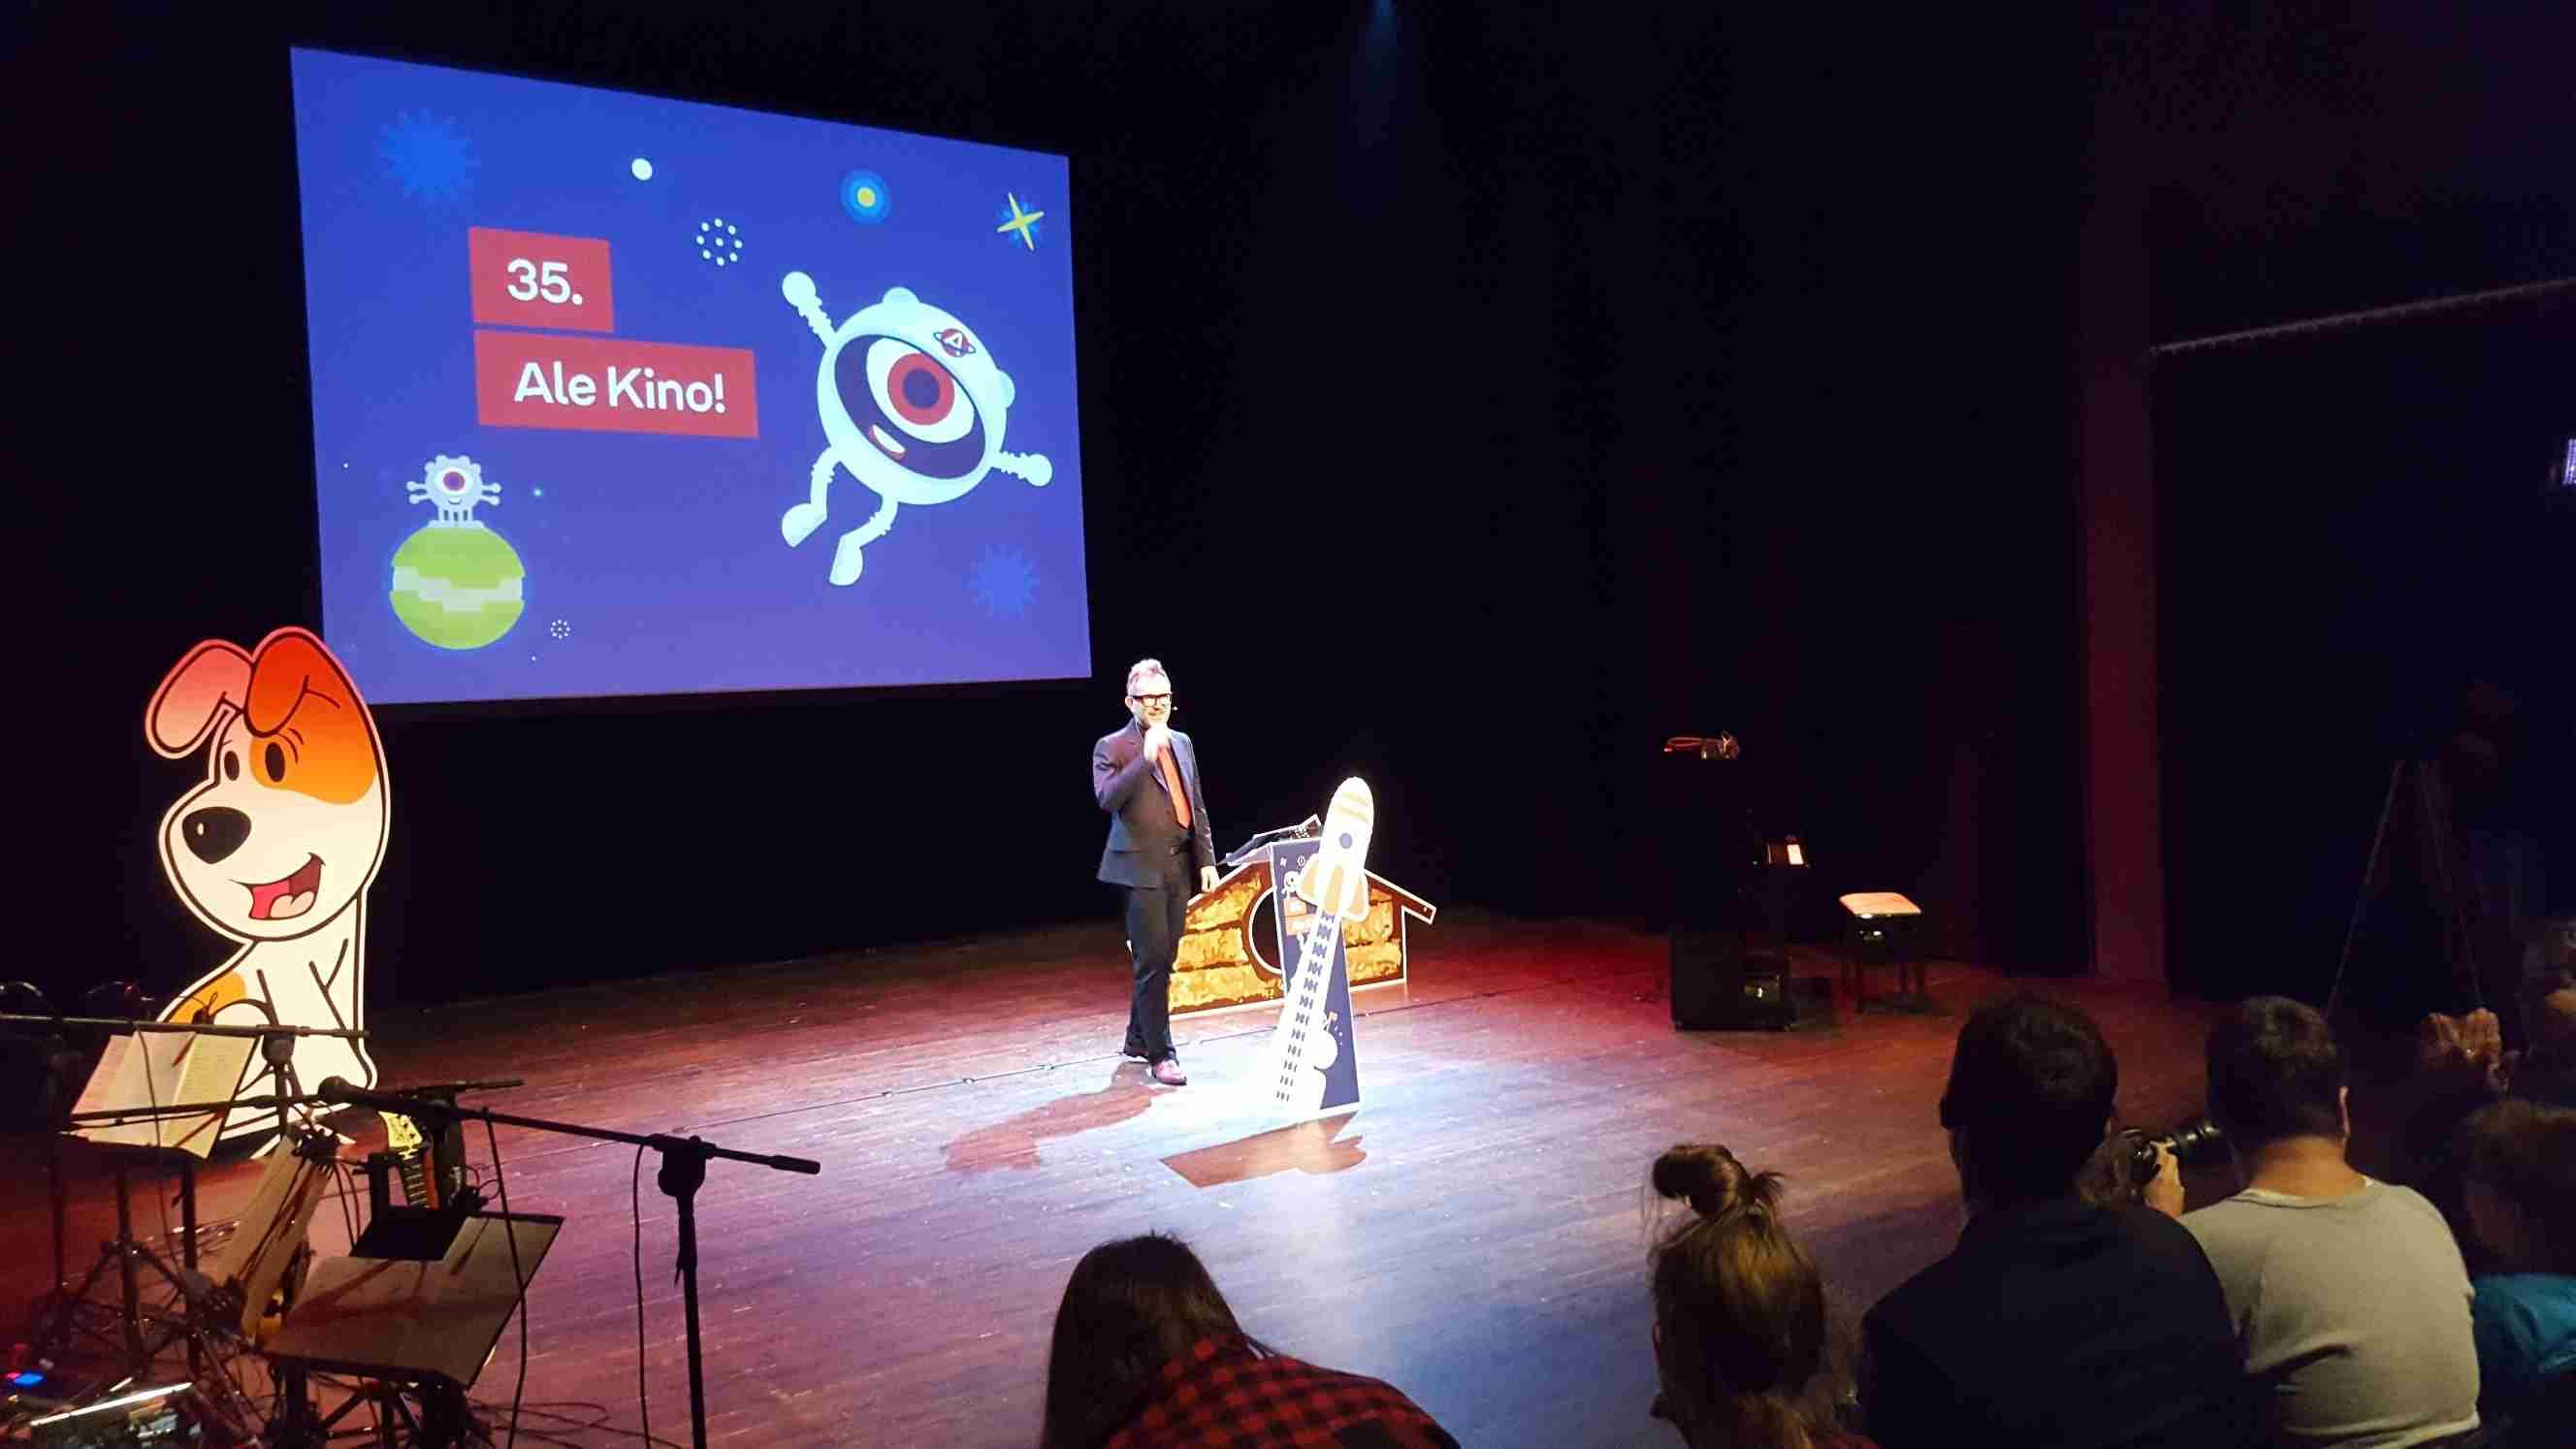 35. Festiwal Ale Kino Poznań - Michał Jędrkowiak